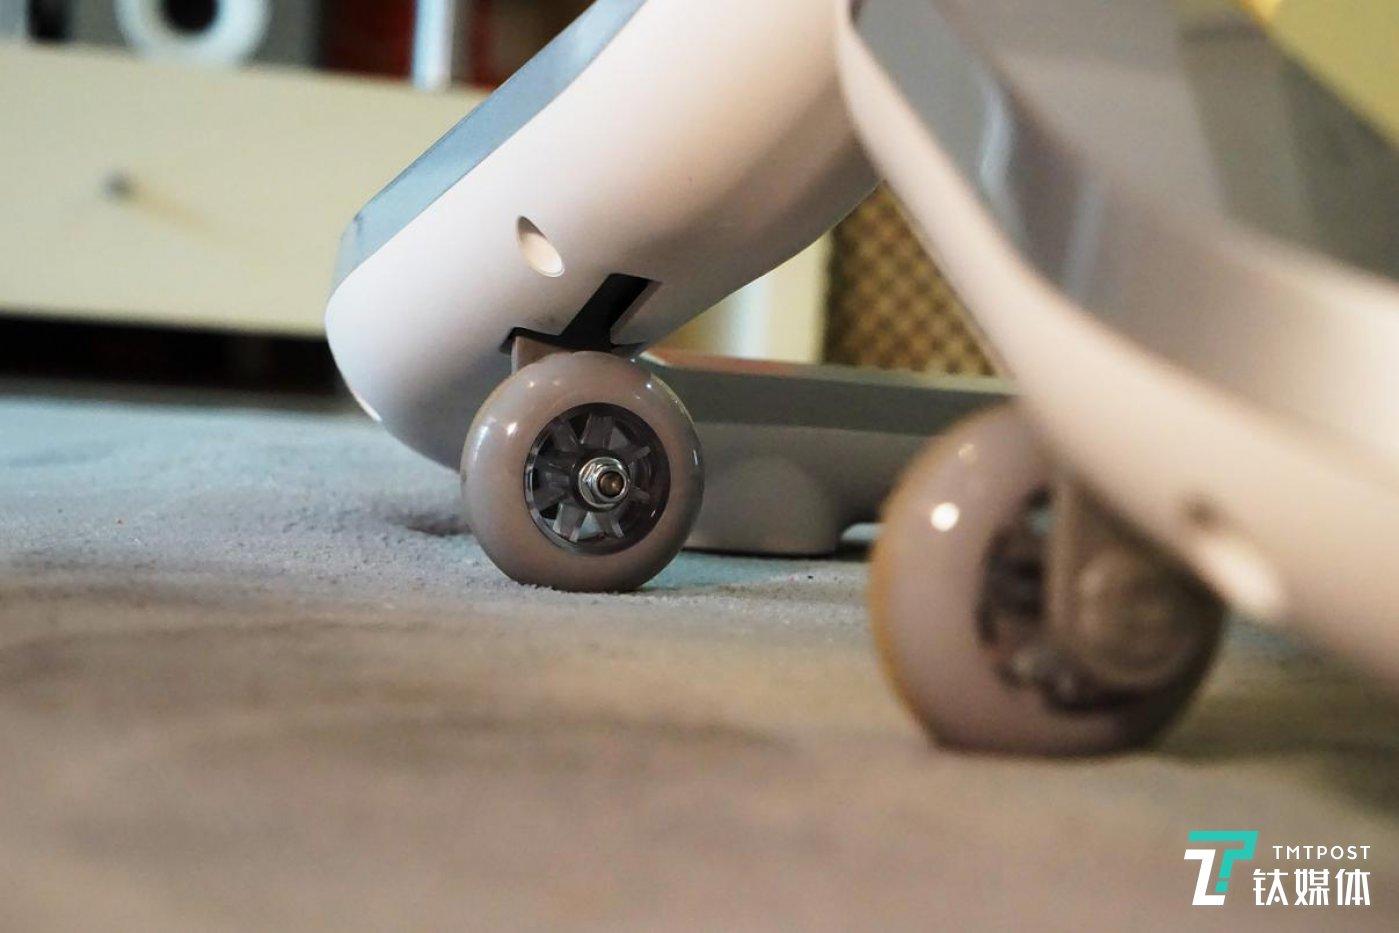 Keep智能动感单车C1的脚轮设计